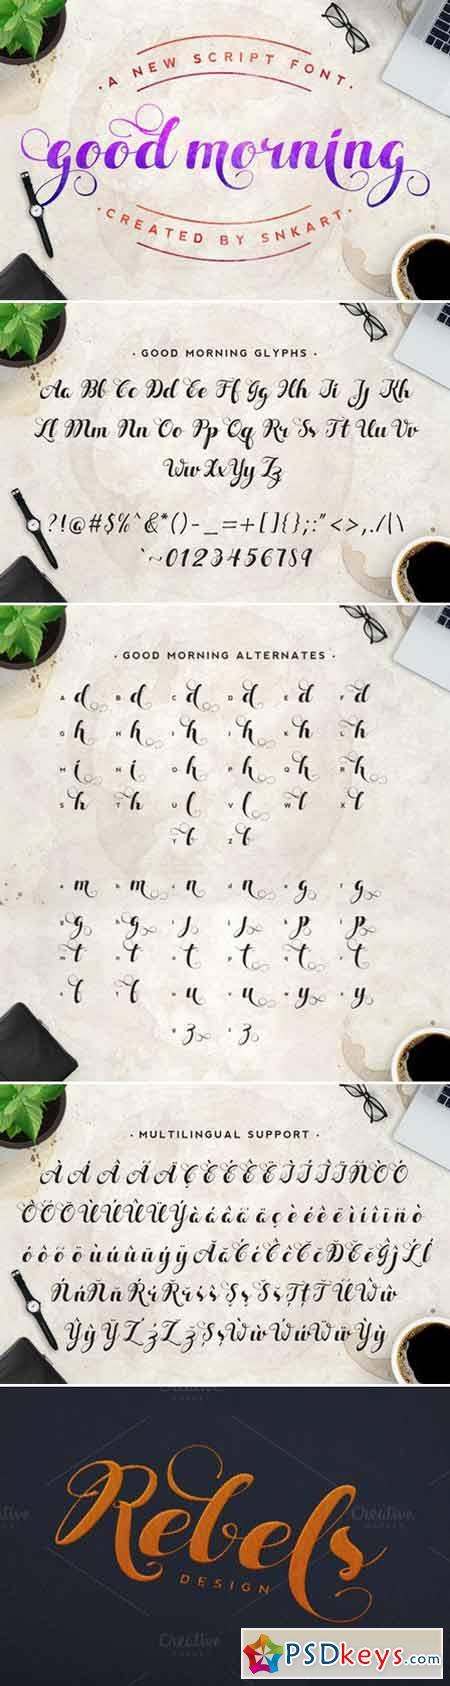 Good Morning Script Fonts 427527